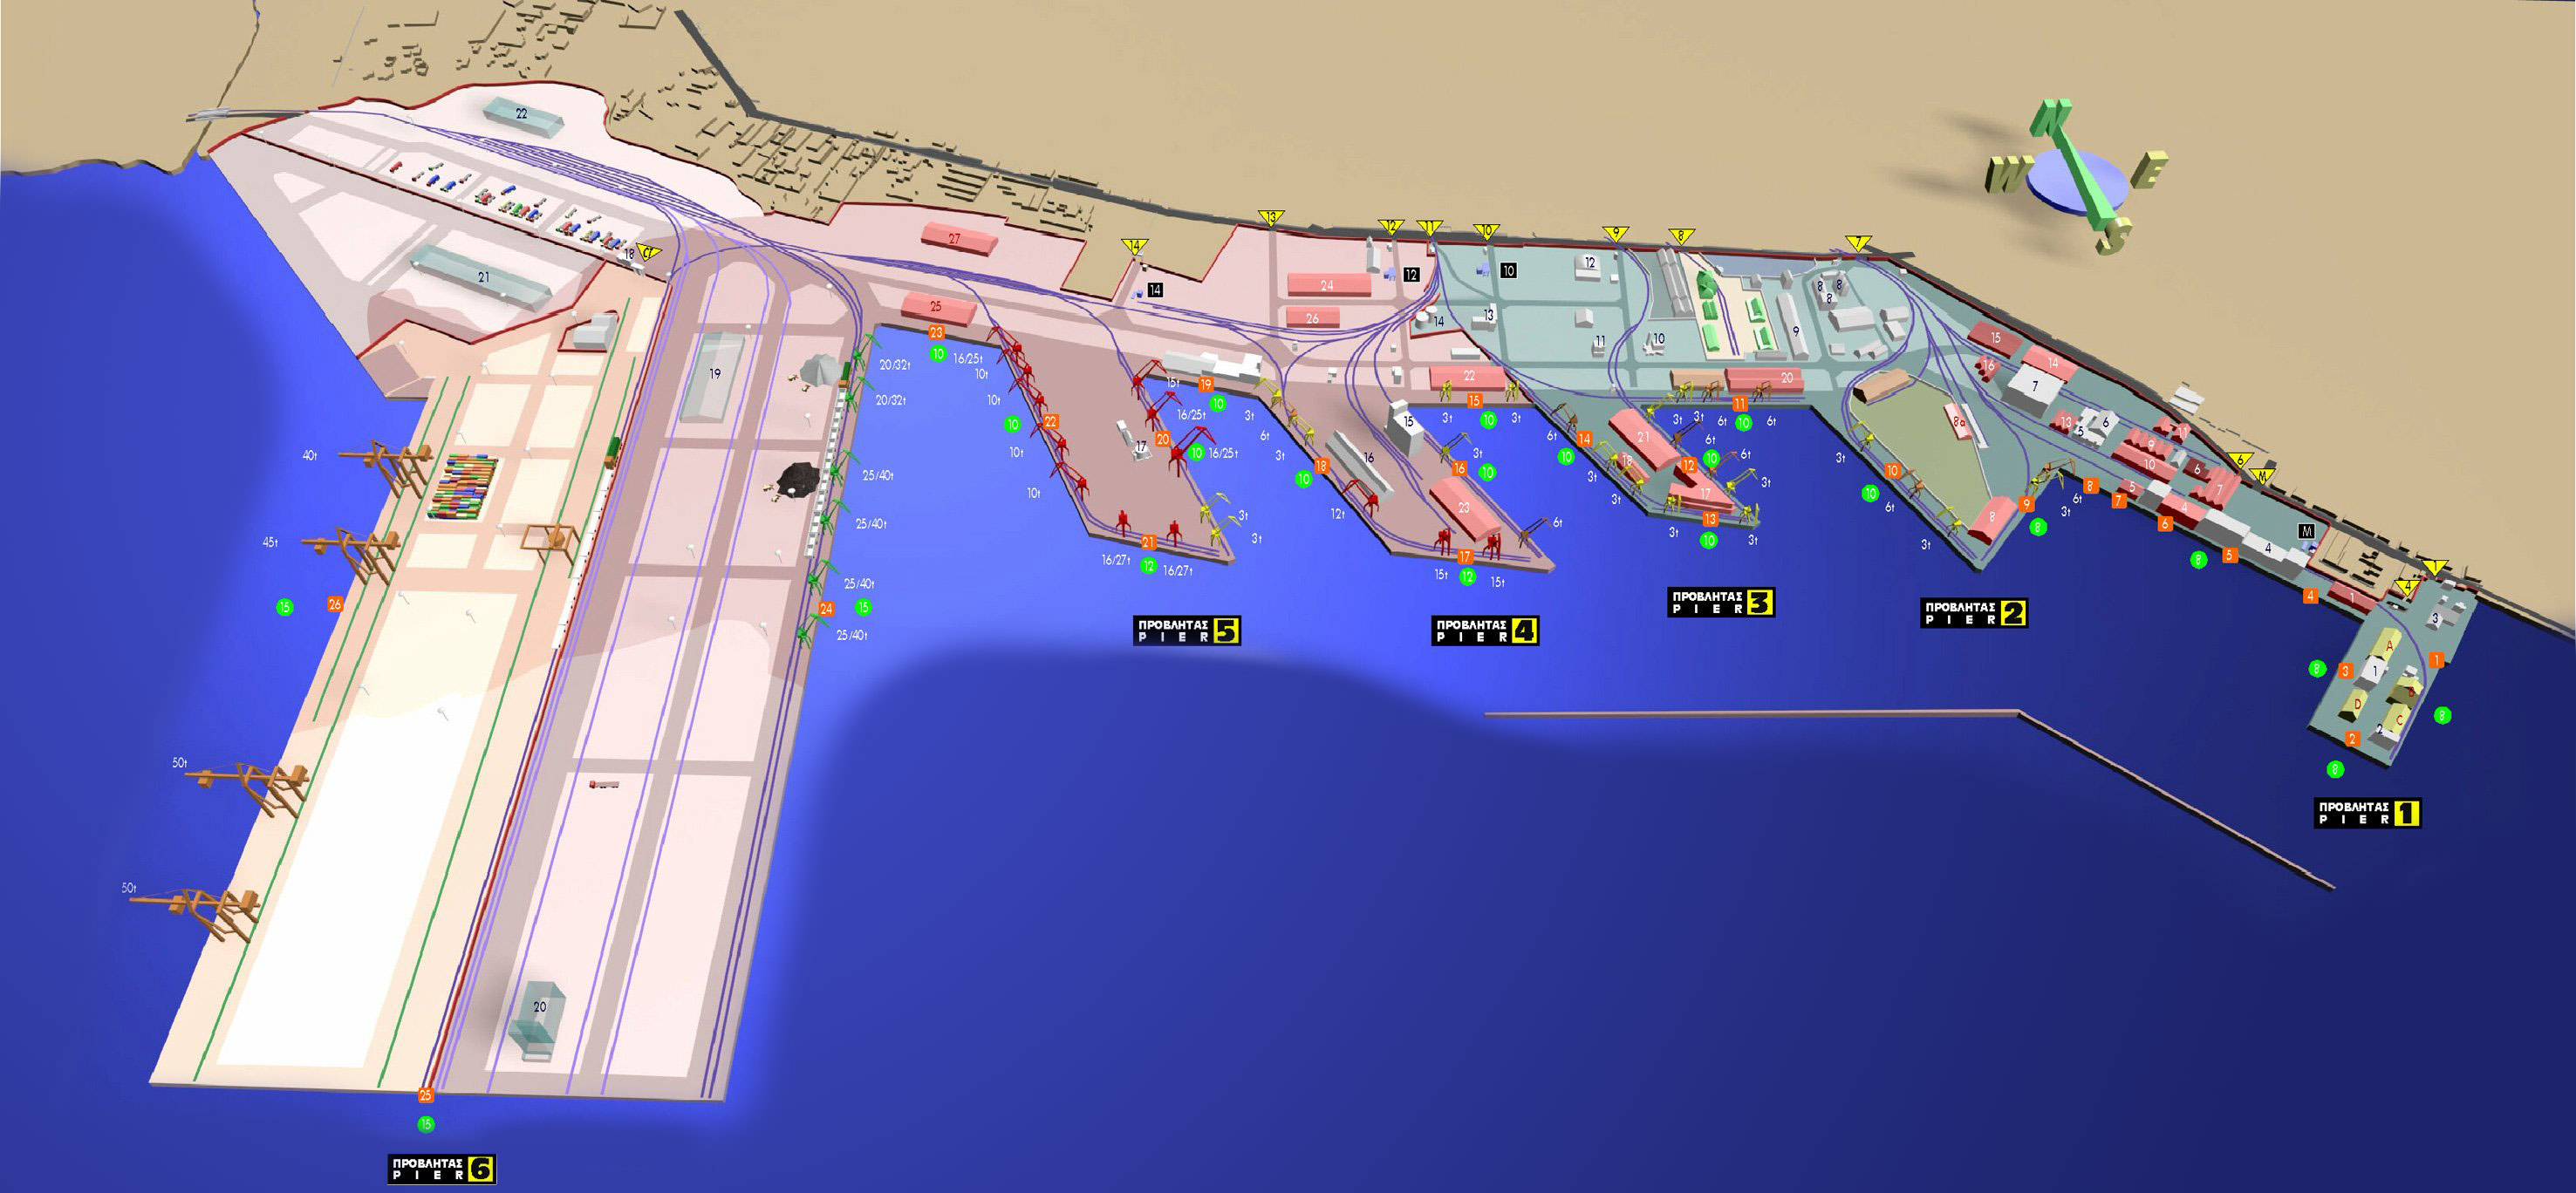 Αμερικανικό ενδιαφέρον για το εμπορευματικό κέντρο στη Θεσσαλονίκη